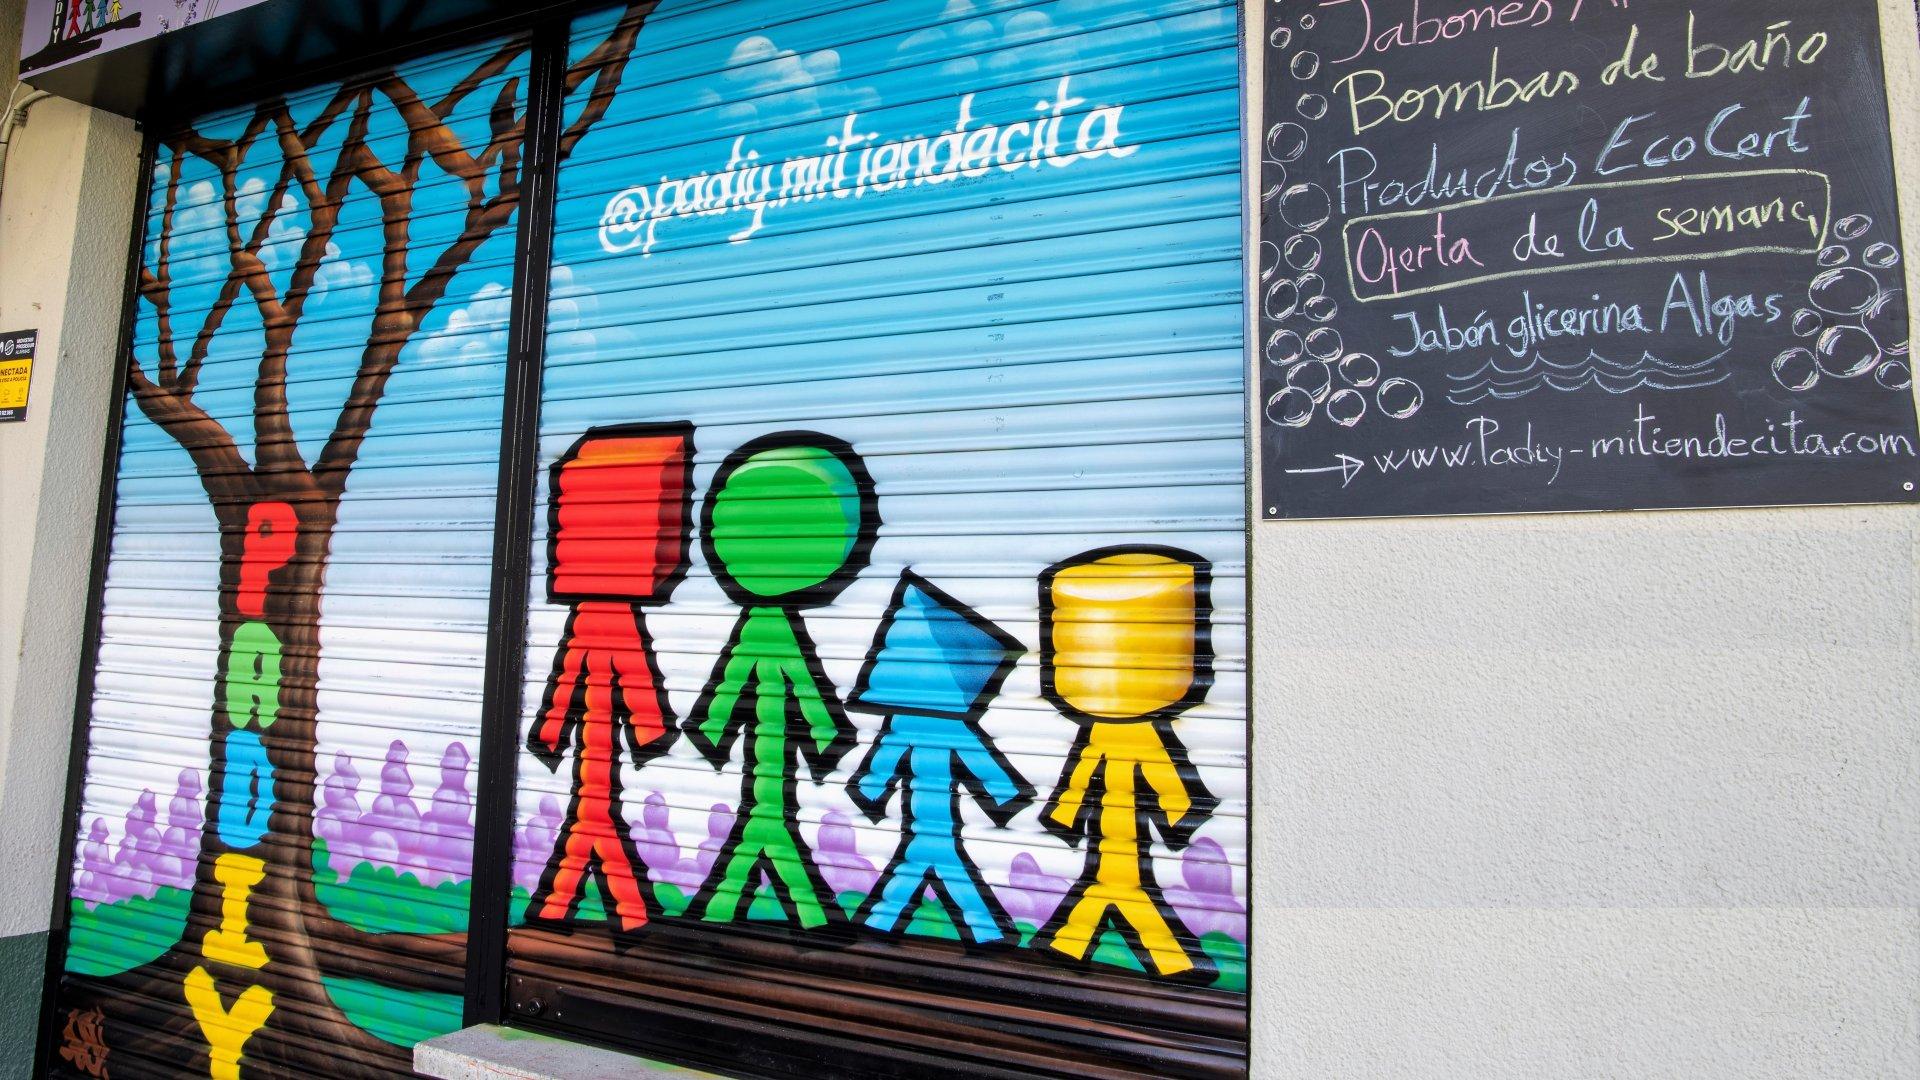 Local PADIY MI Tiendecita en Madrid